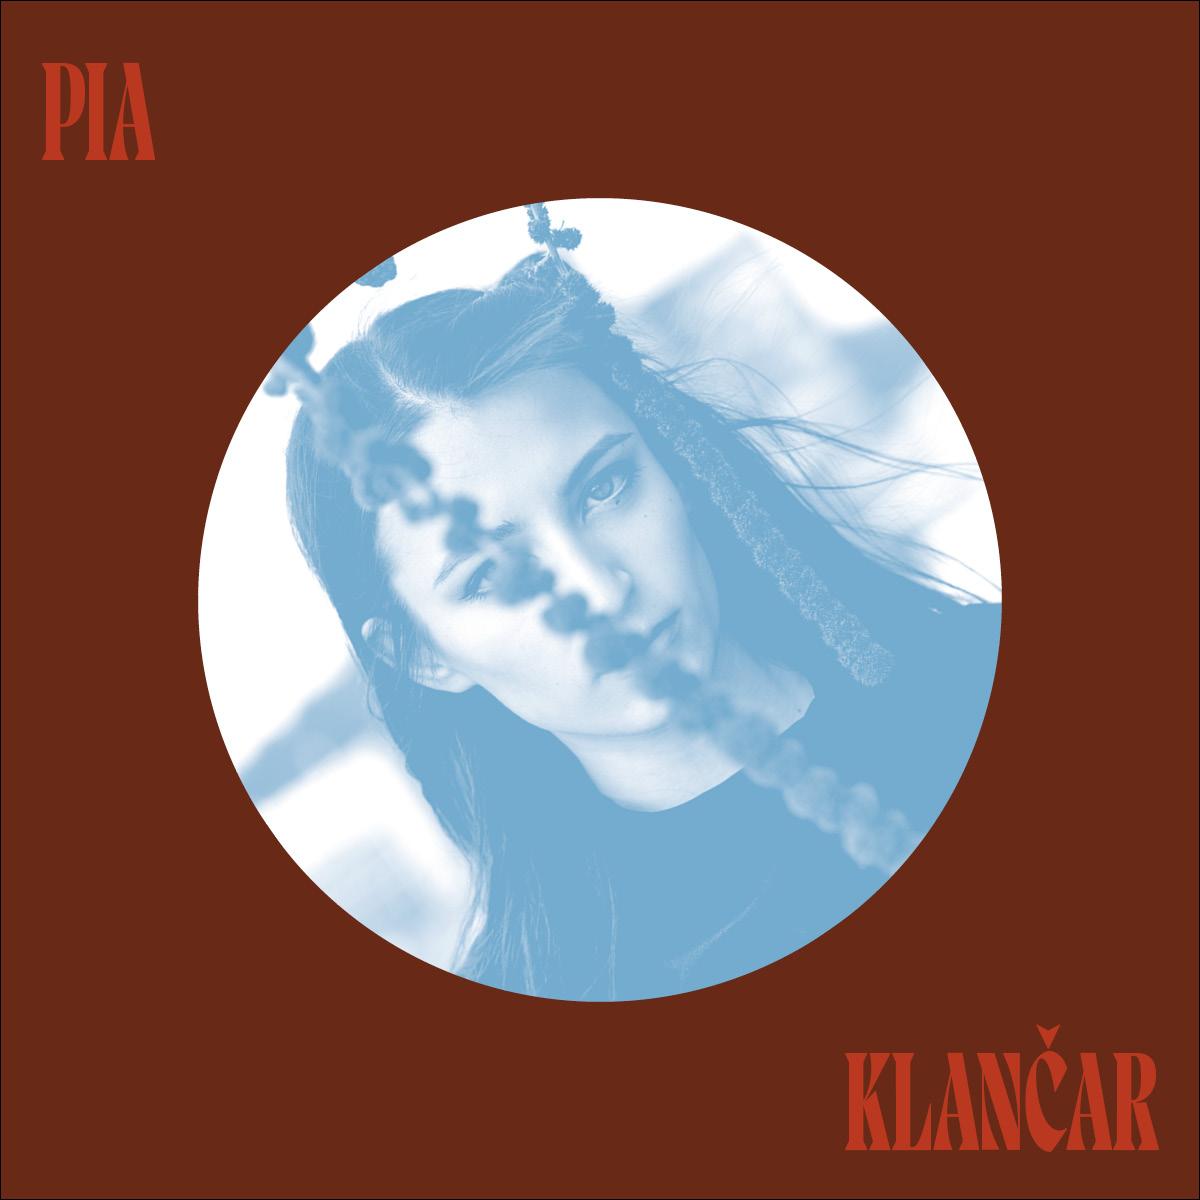 Slika Pia Klančar